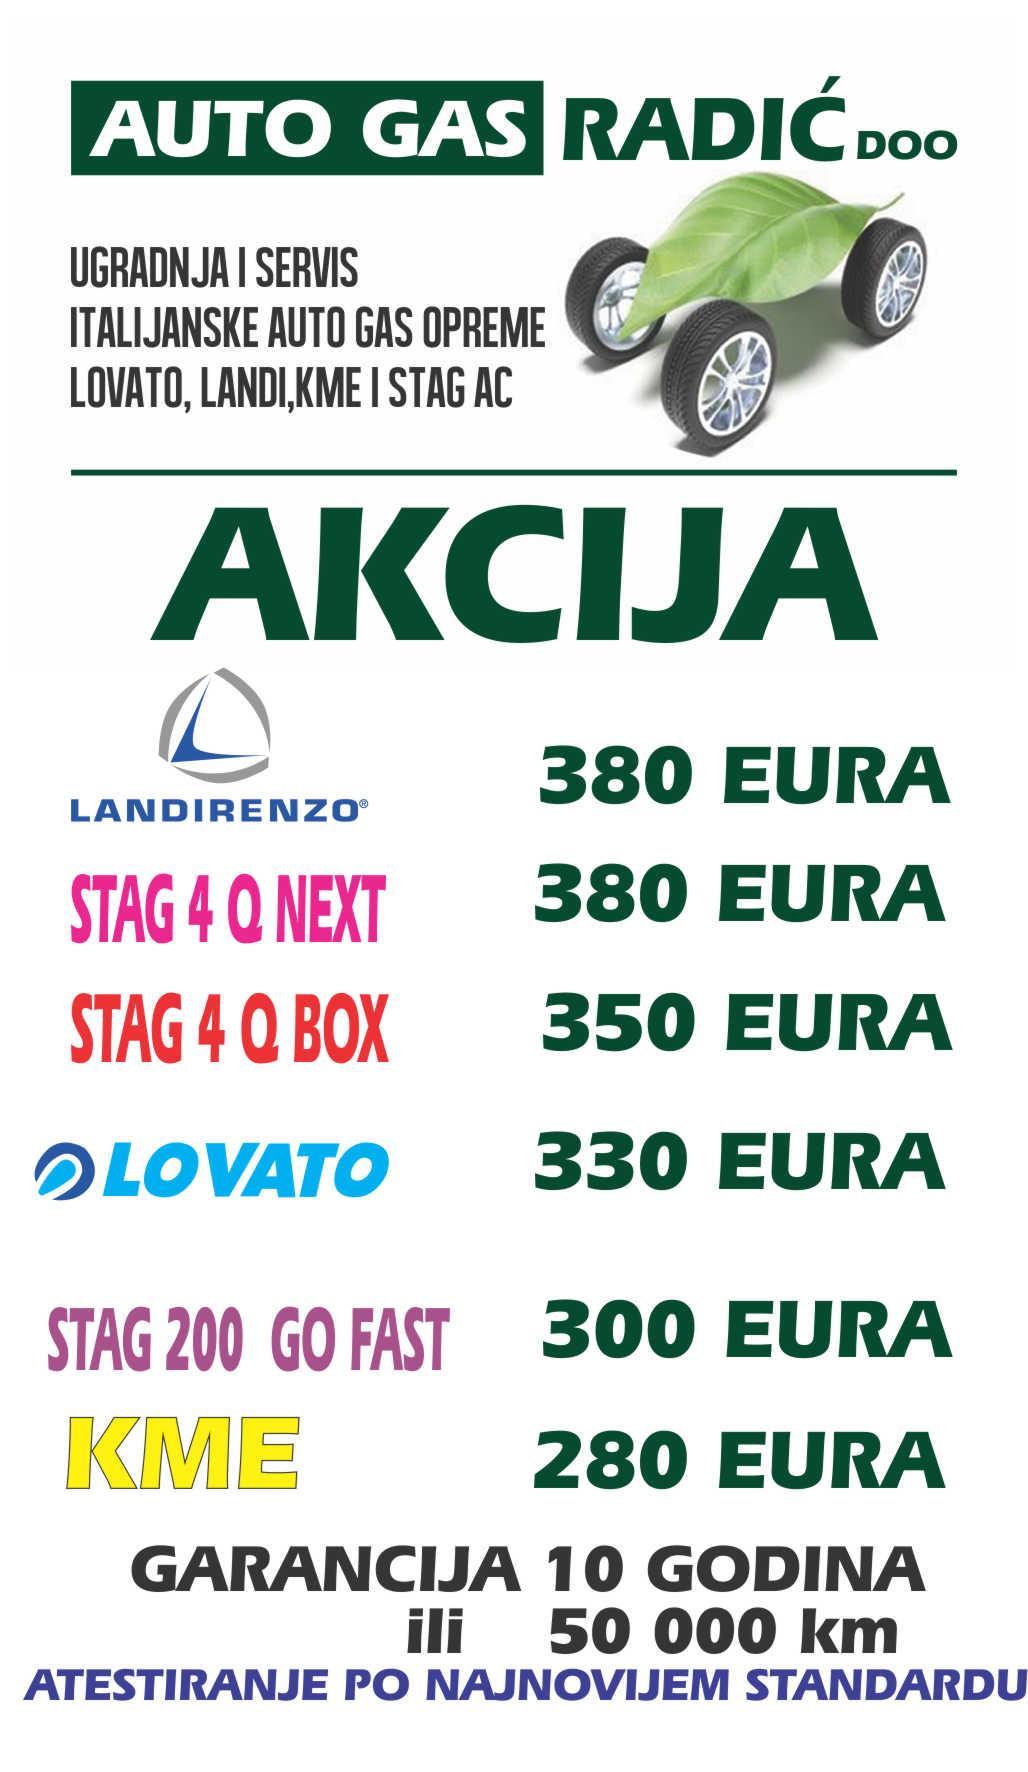 cenovnik_ugradnje_autogasa